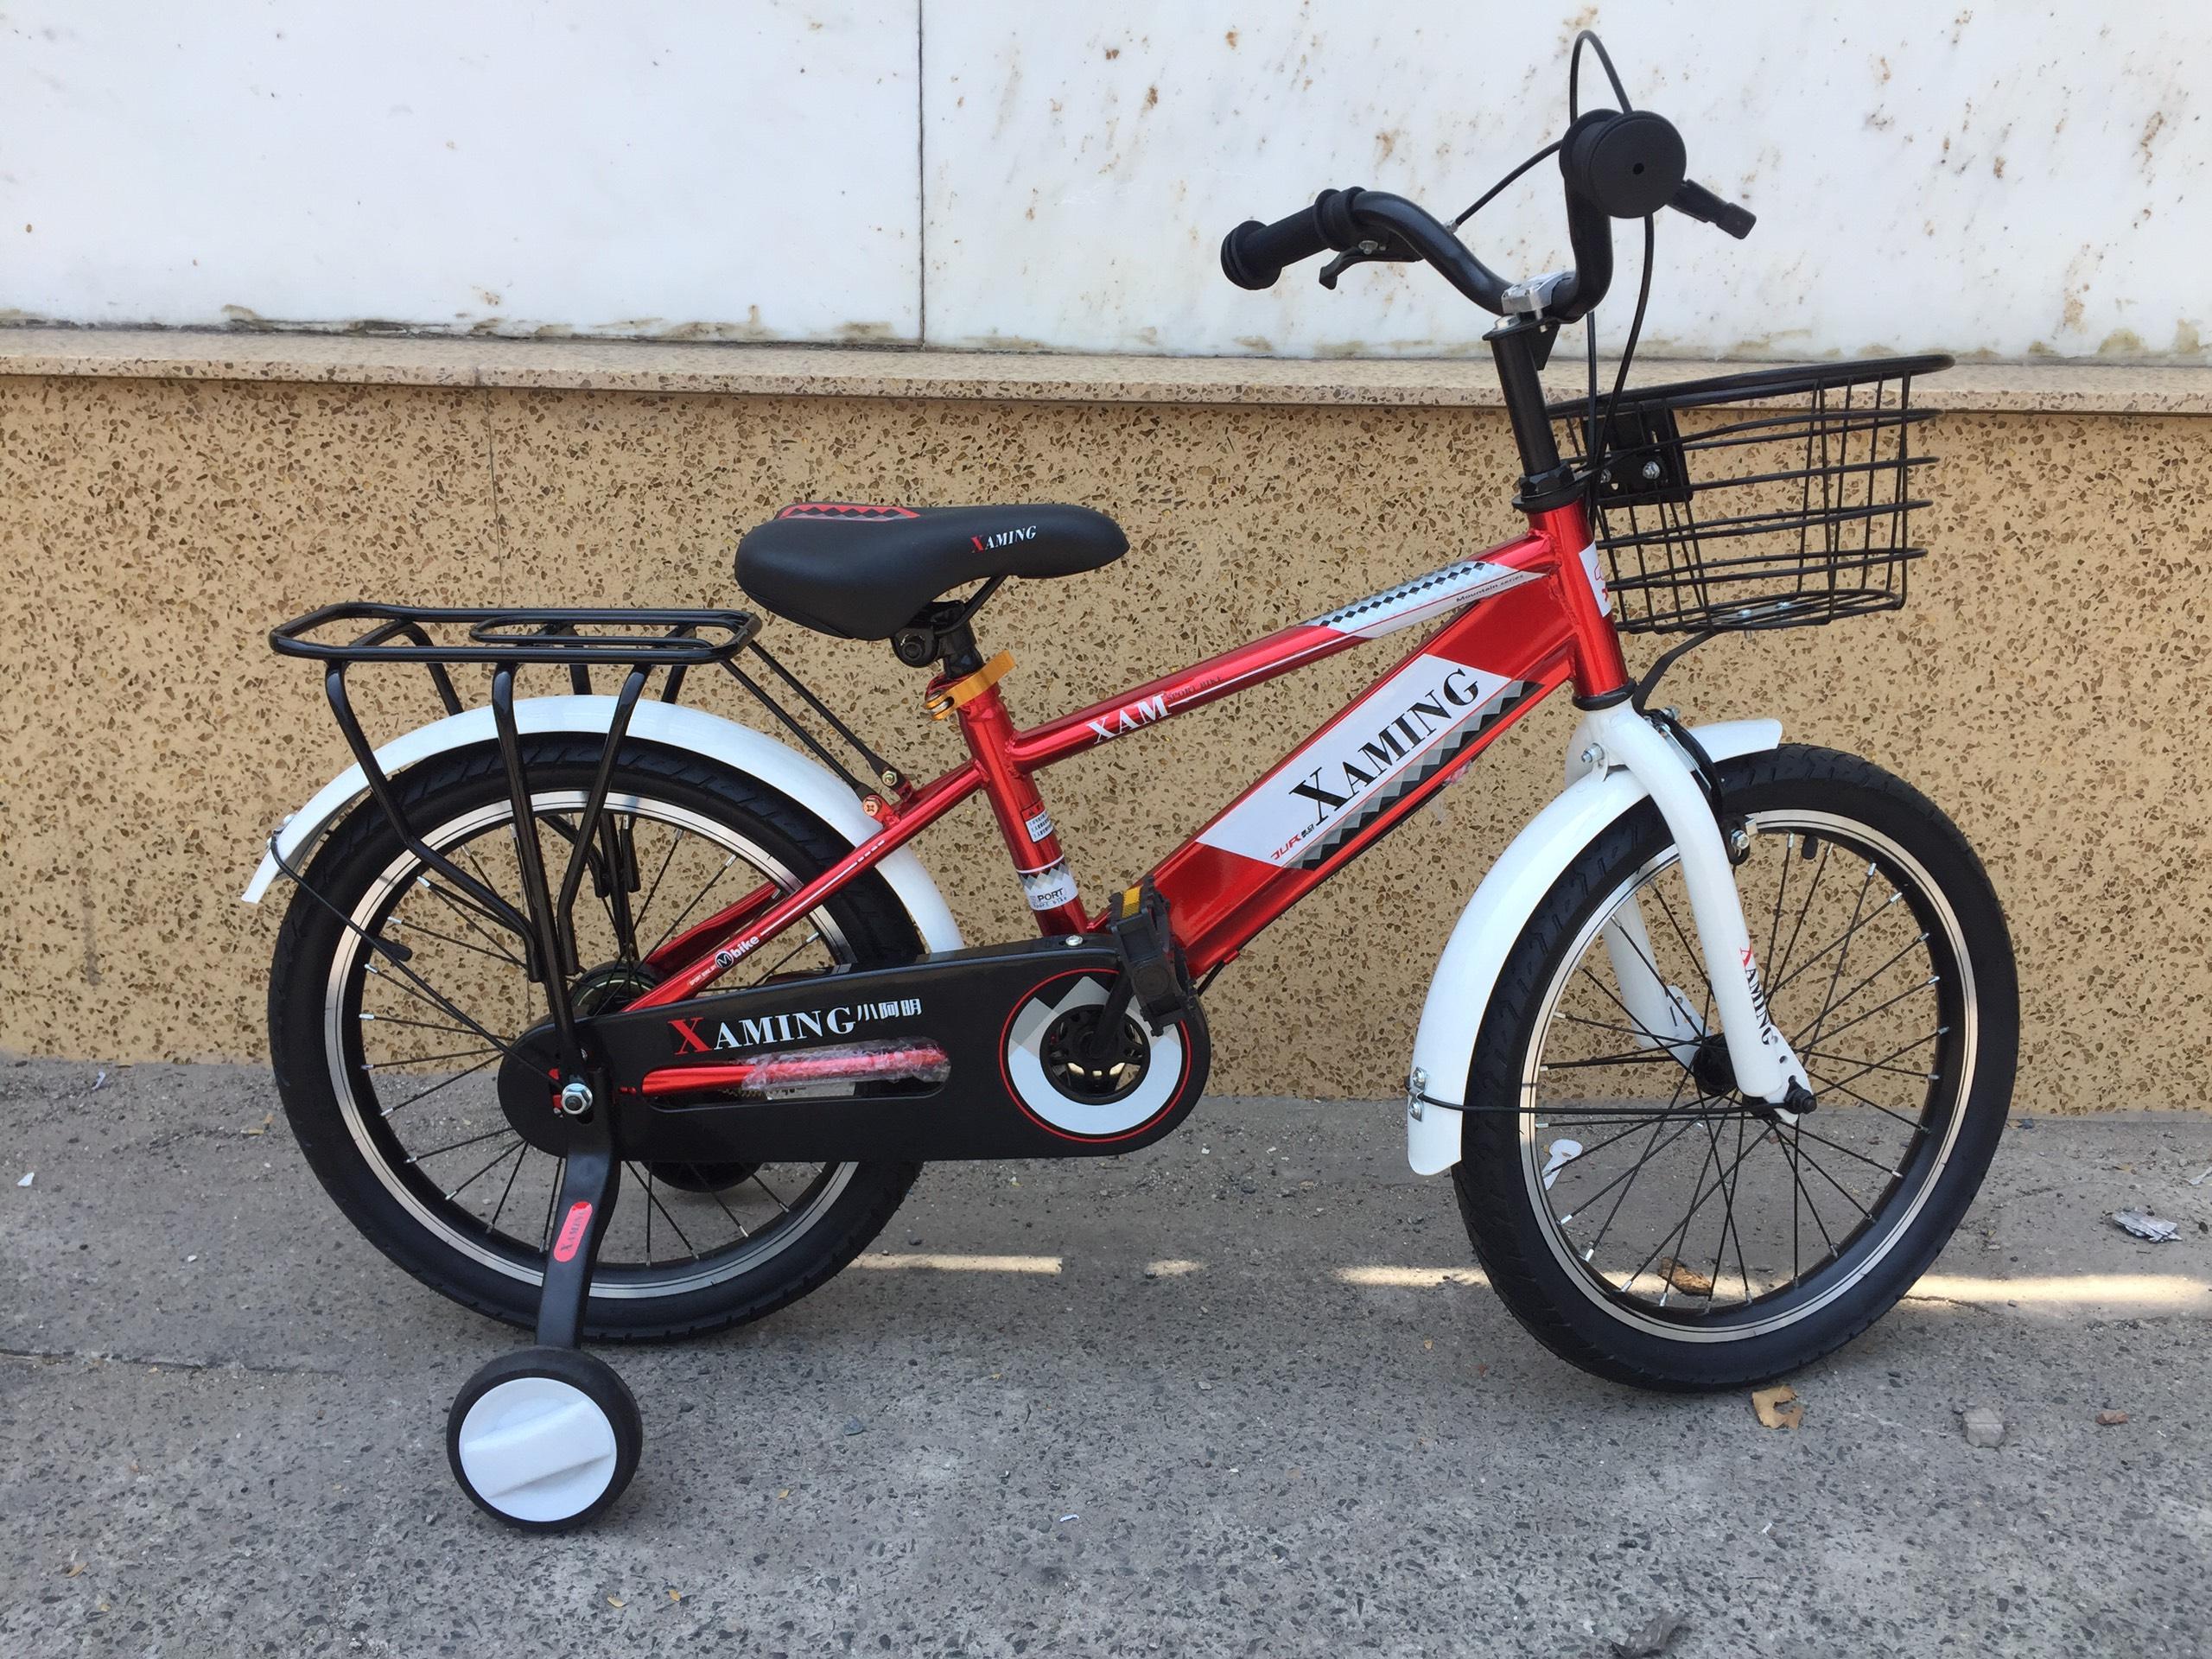 Xe đạp trẻ em 18 inch xaming